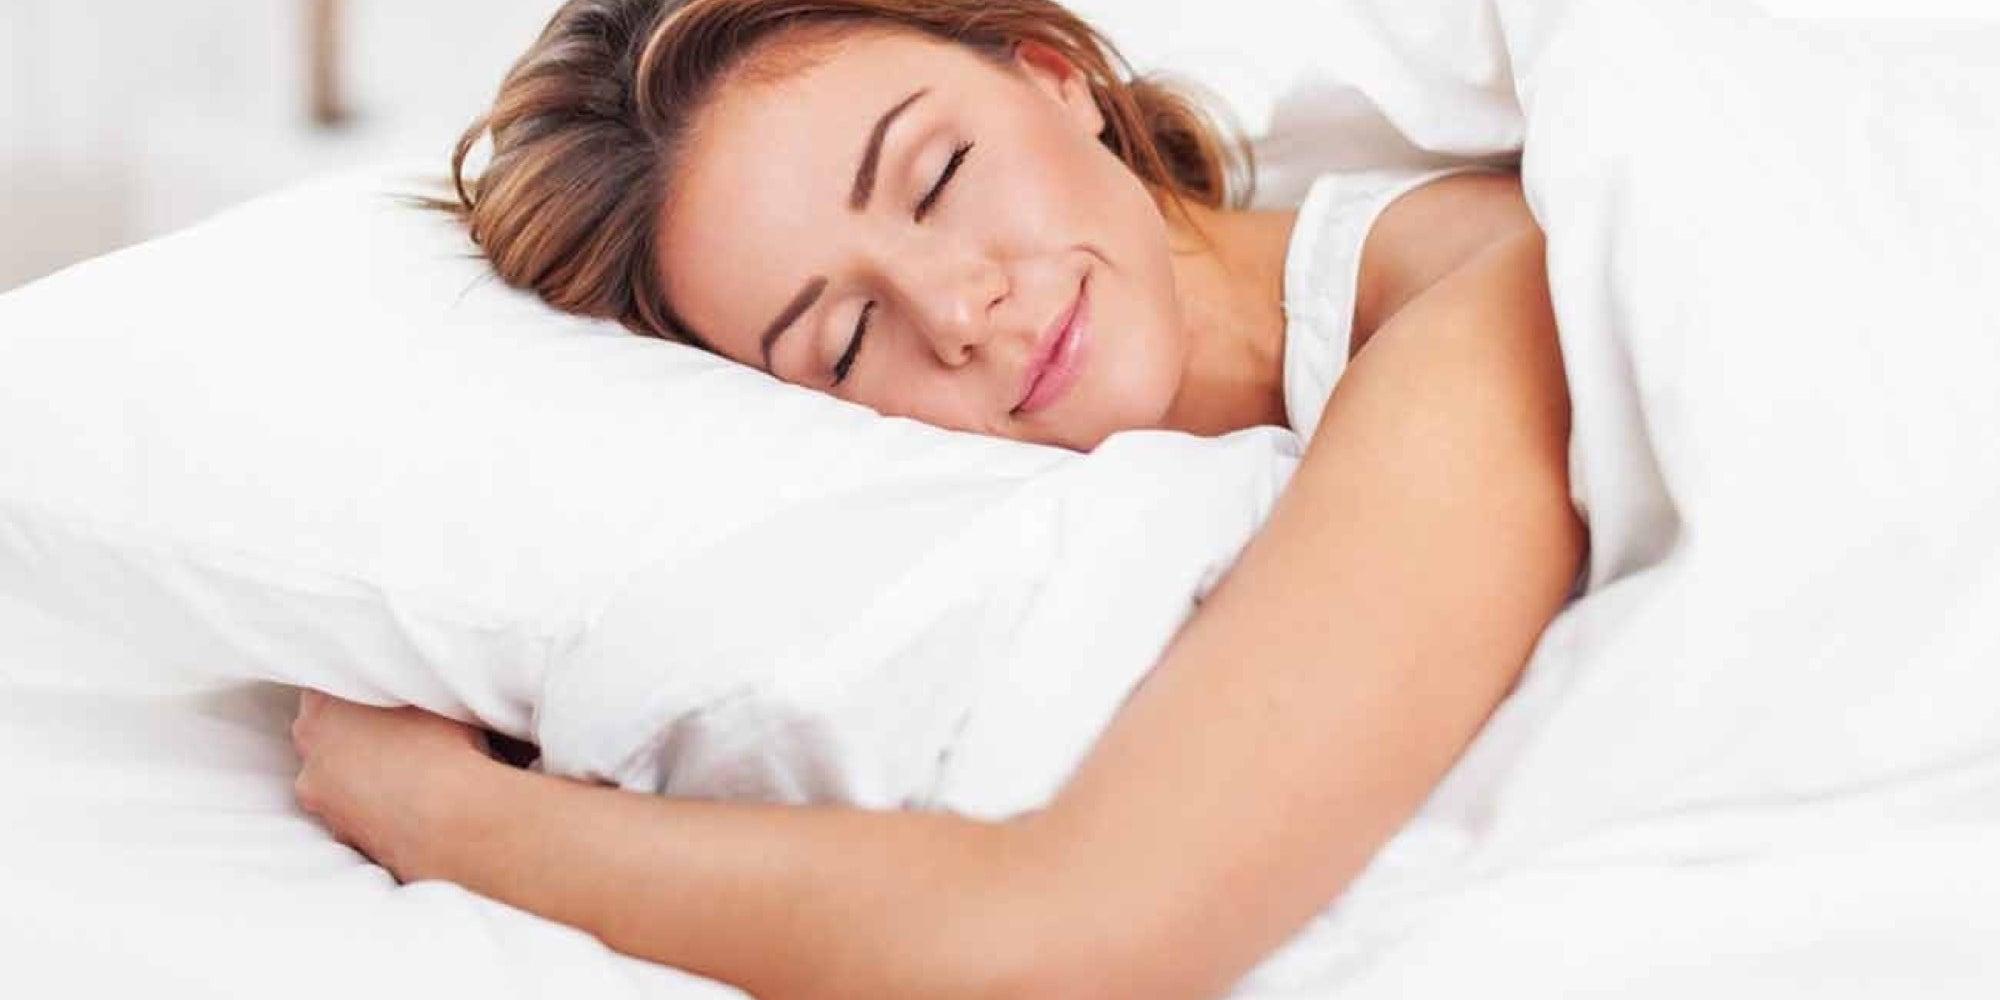 Value sleep.